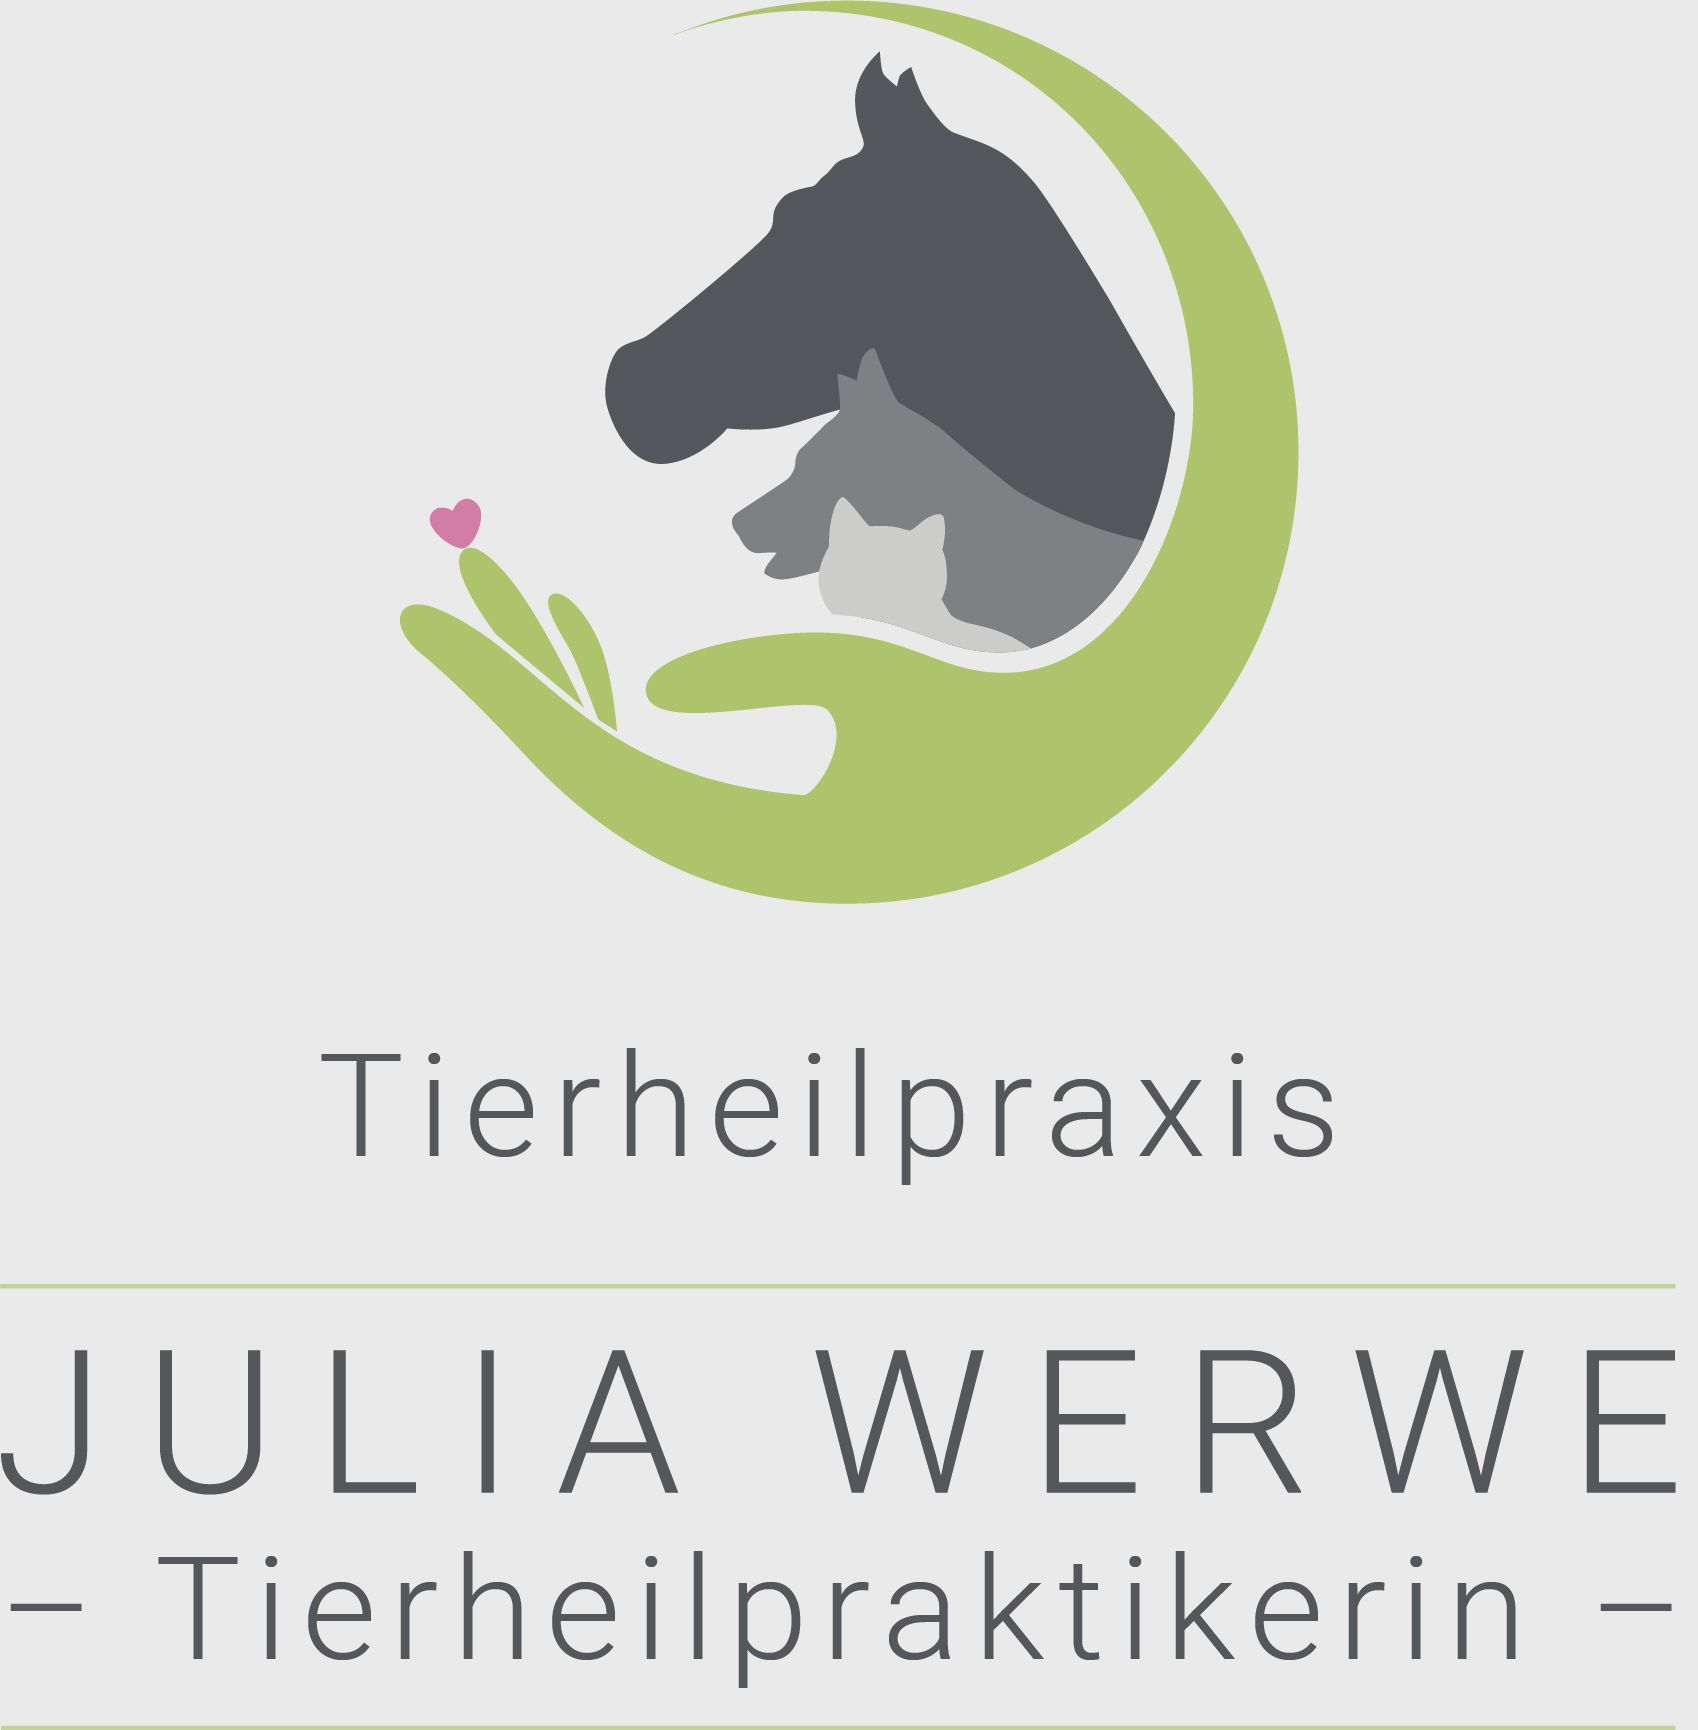 Tierheilpraxis Julia Werwe